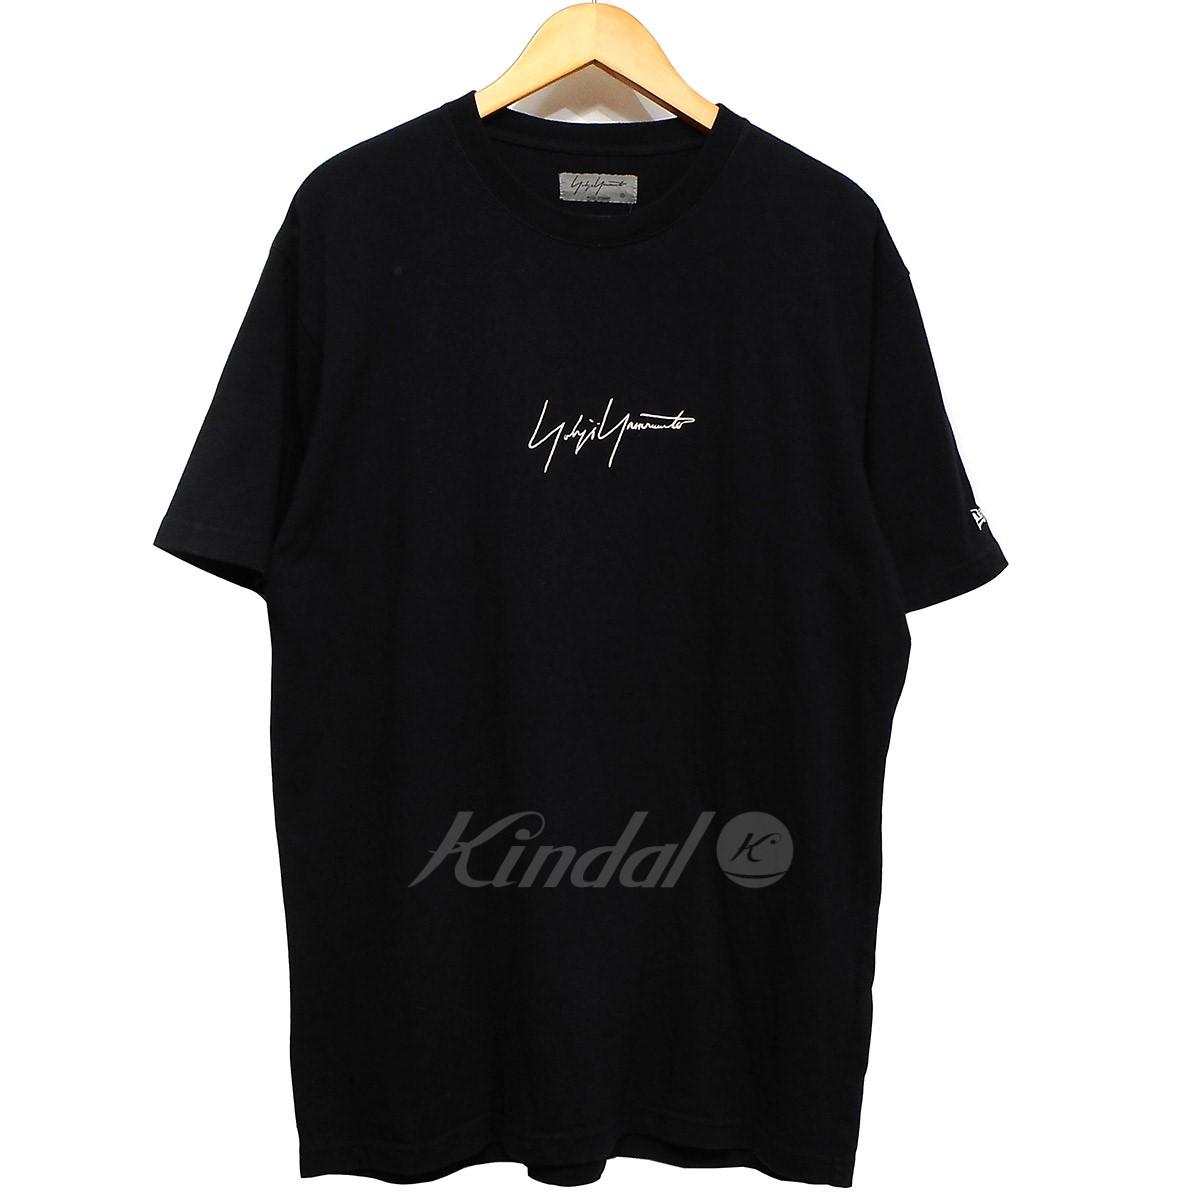 【中古】YOHJI YAMAMOTO pour homme×NEW ERA 18SS シグネチャーロゴ刺繍Tシャツ 【送料無料】 【006097】 【KIND1551】